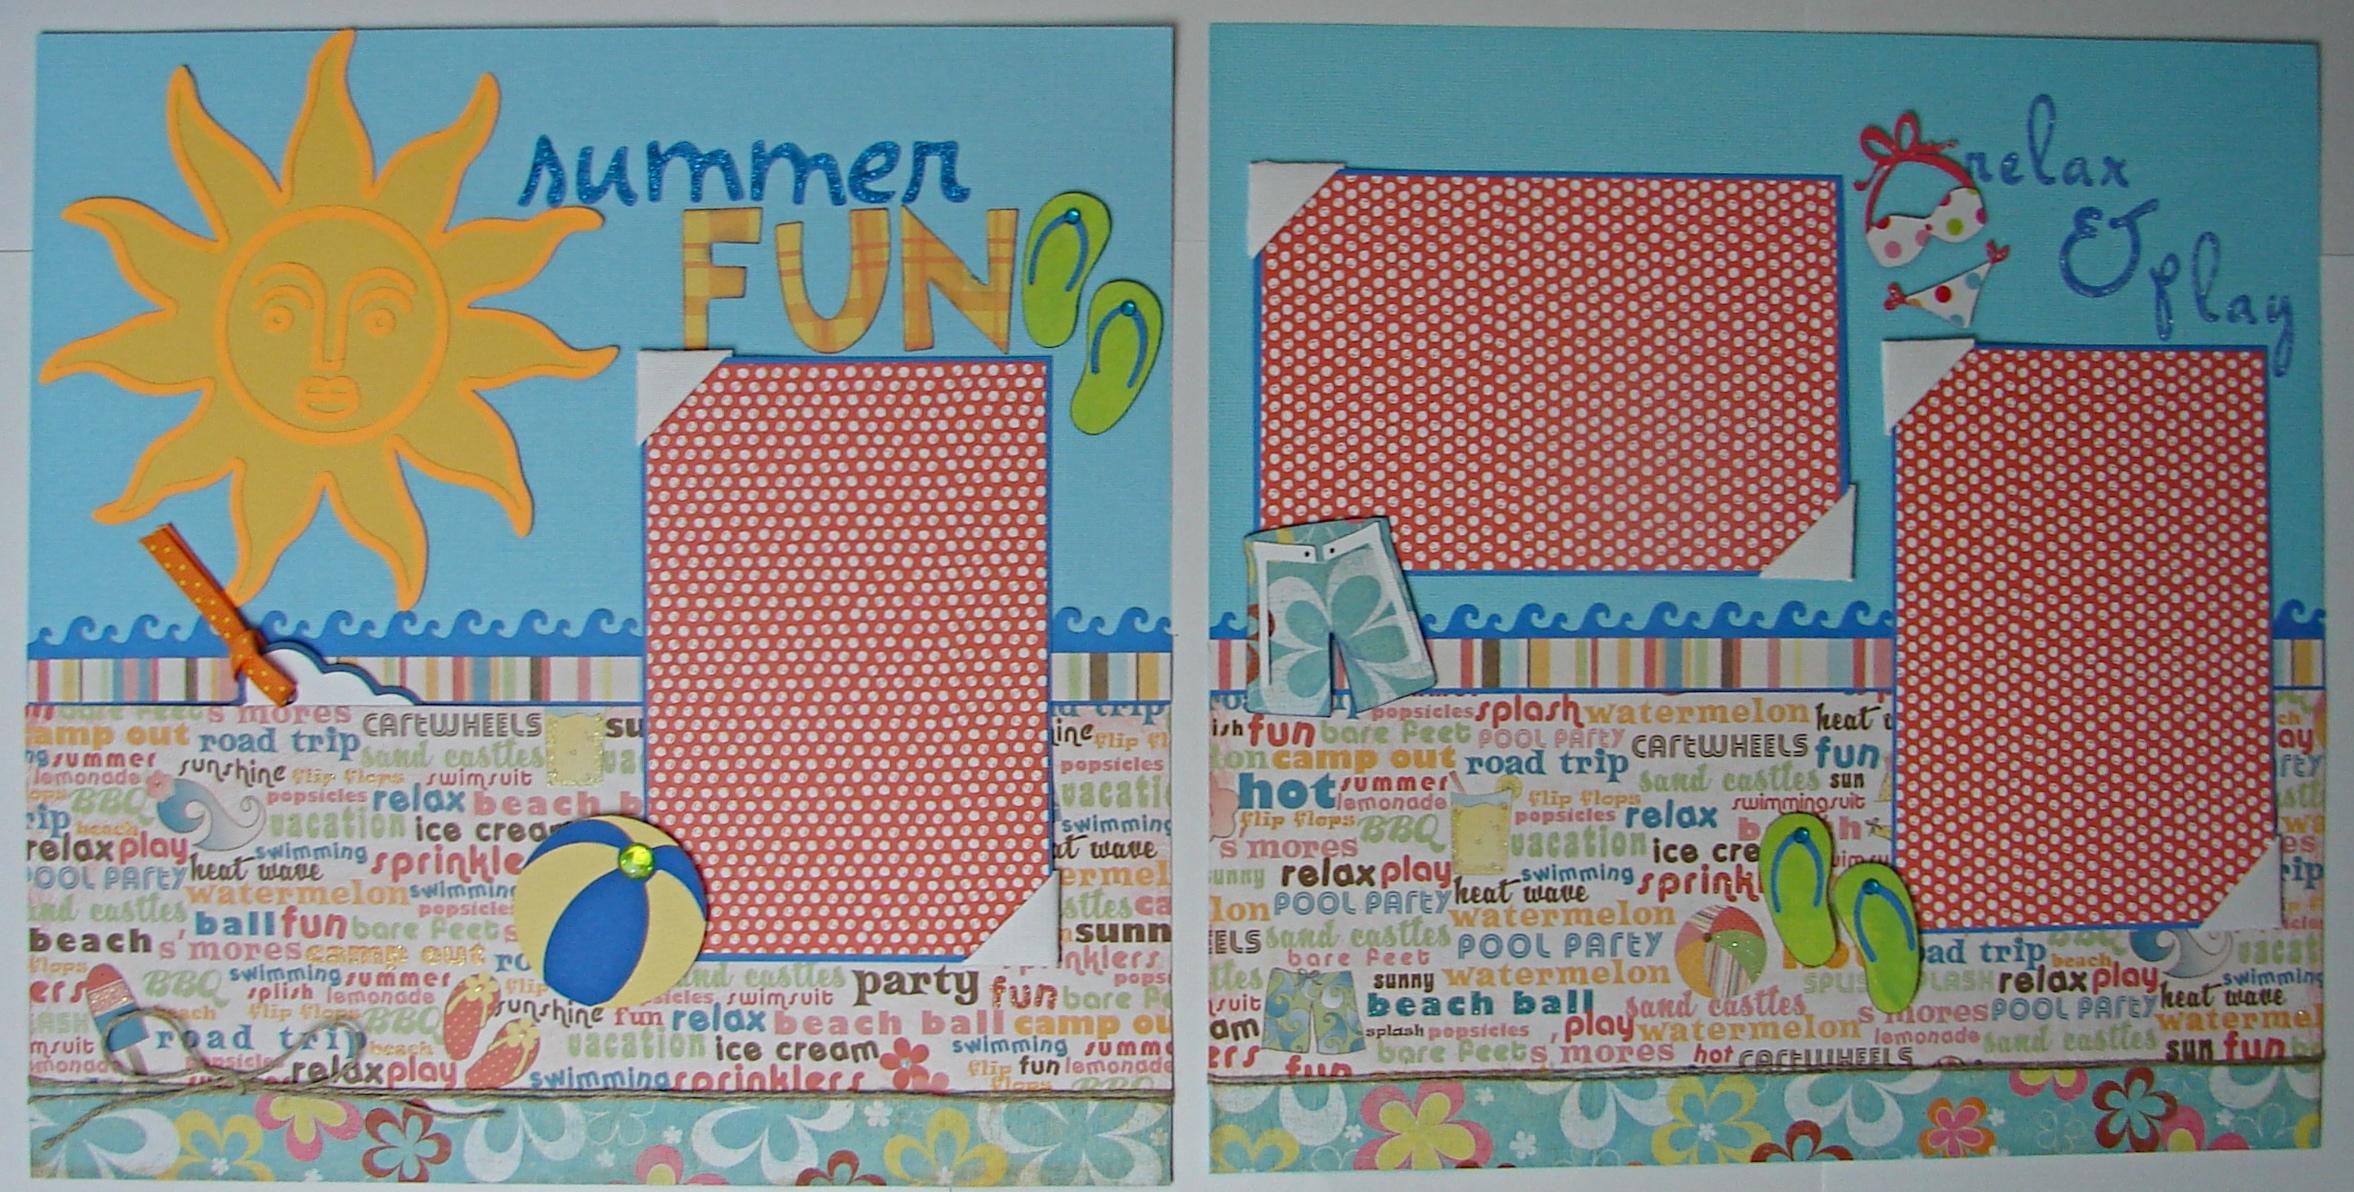 Summer vacation scrapbook ideas - Summer Fun